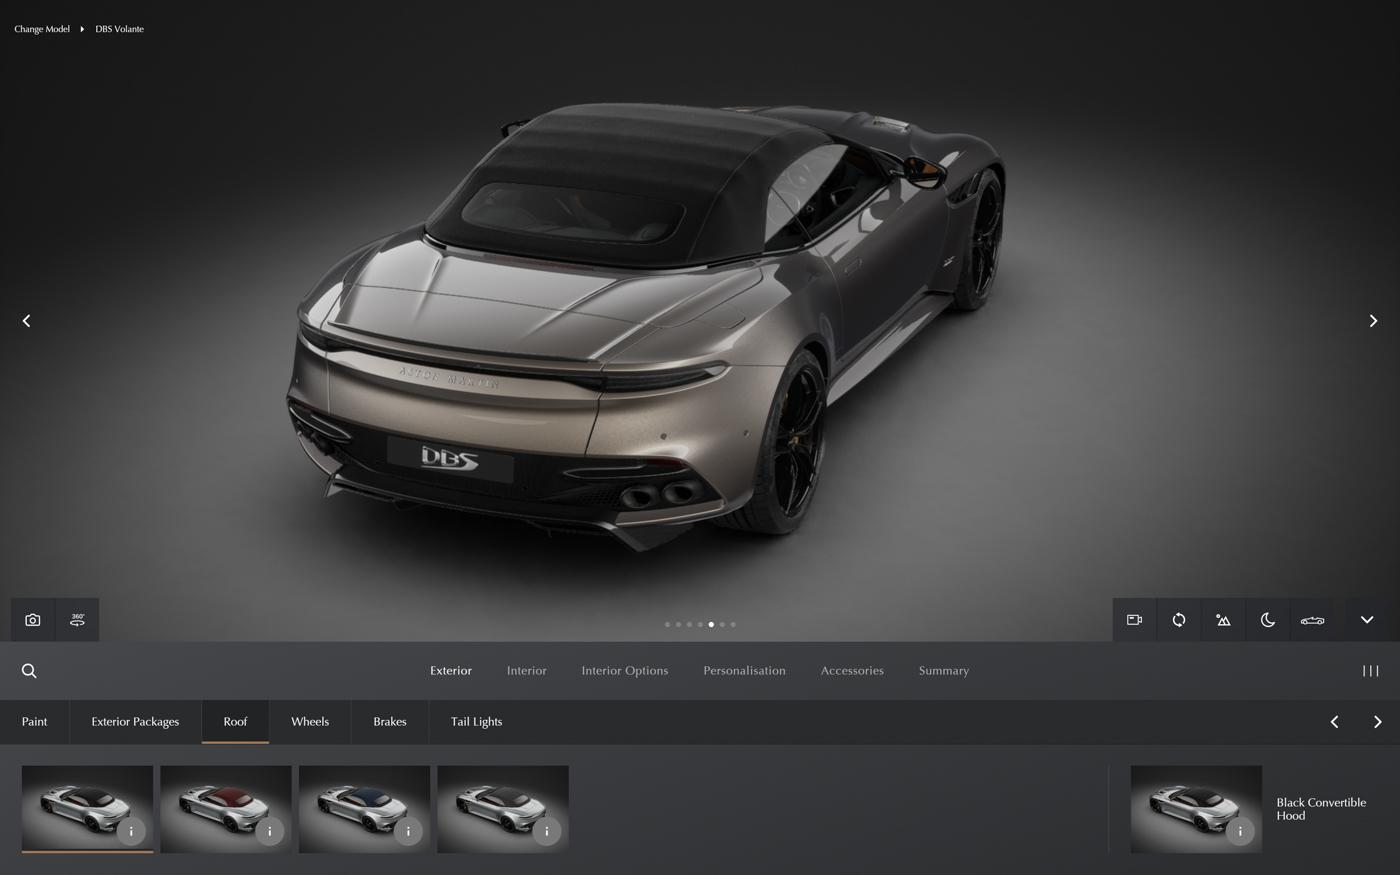 Aston-Martin-công-bố-nâng-cấp-cho-đời-xe-2022-9.jpg